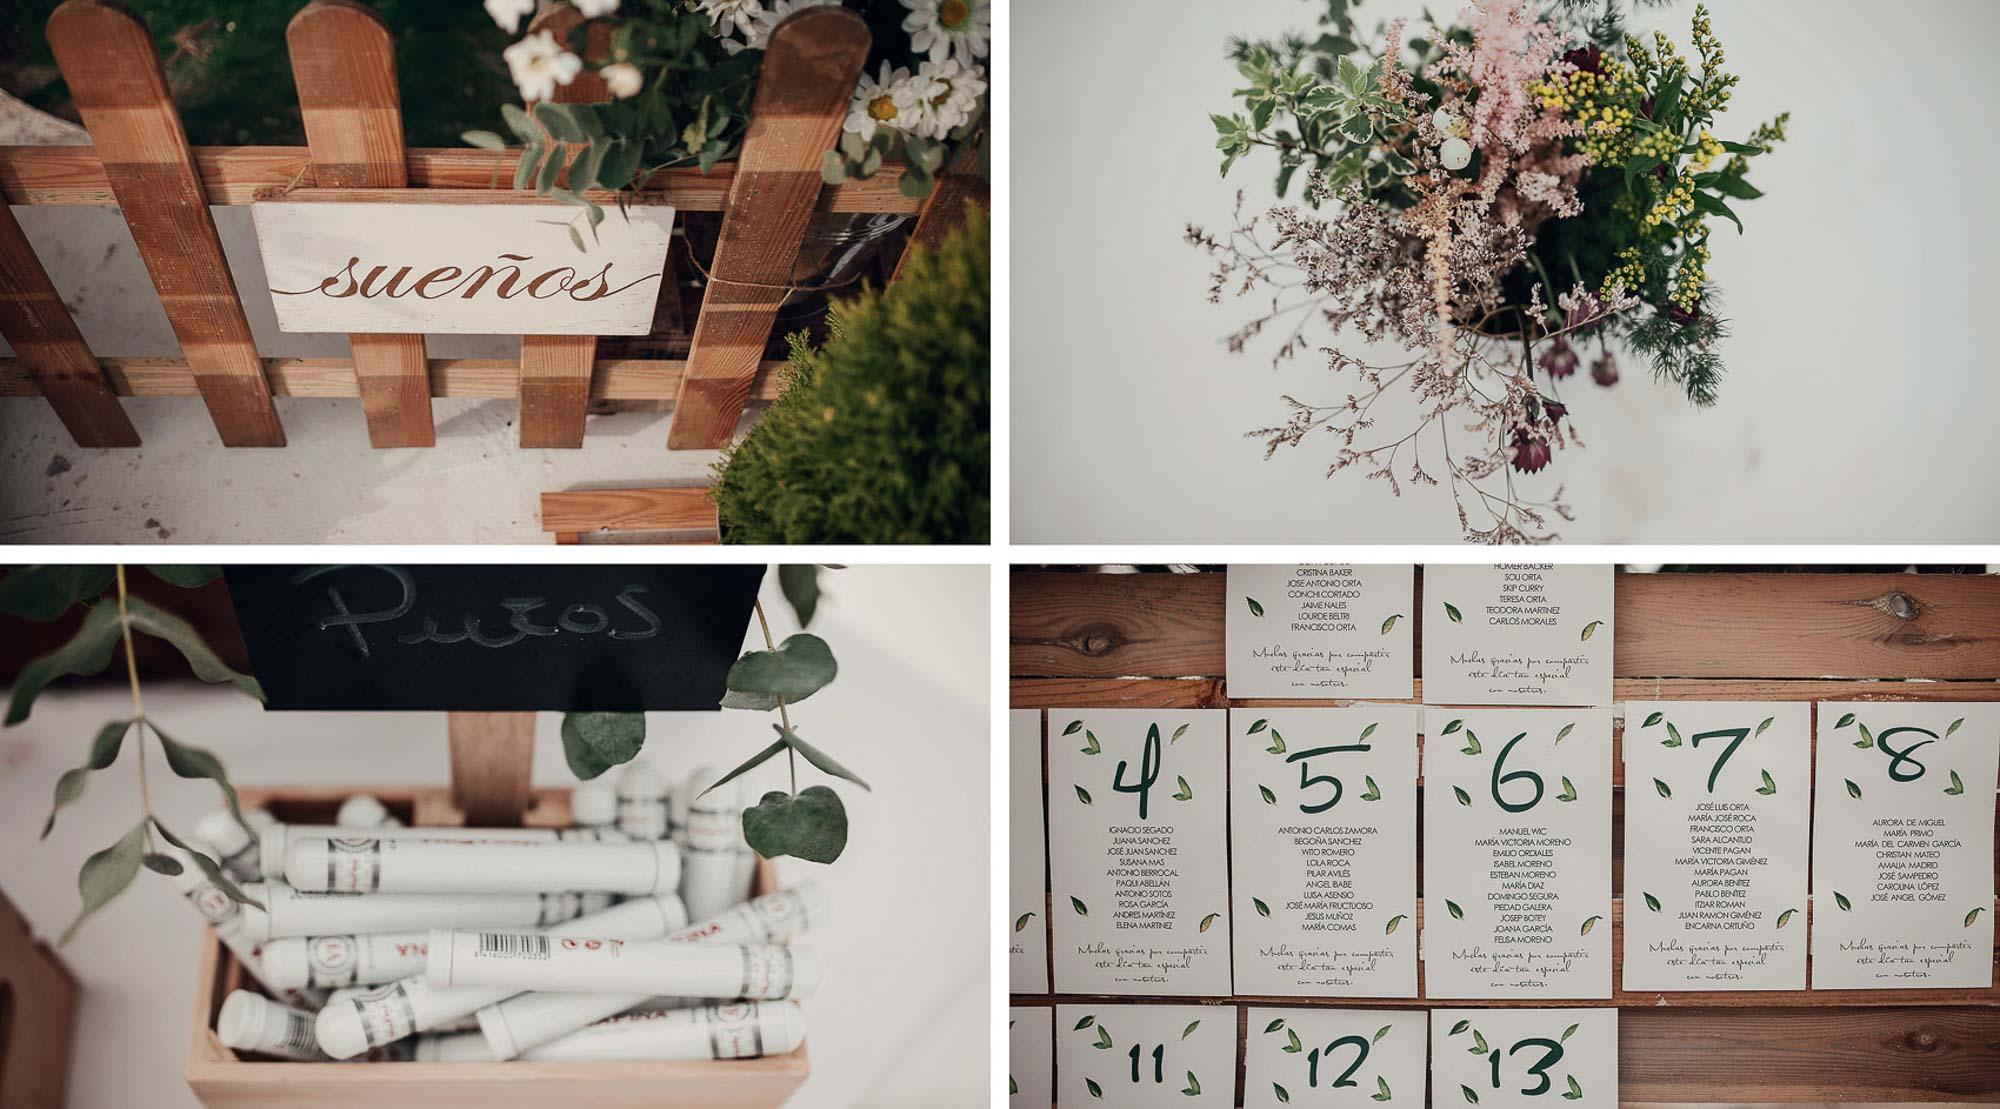 Decoración wedding valisse playa cabo de palos menus invitacion flores fotografia restaurante